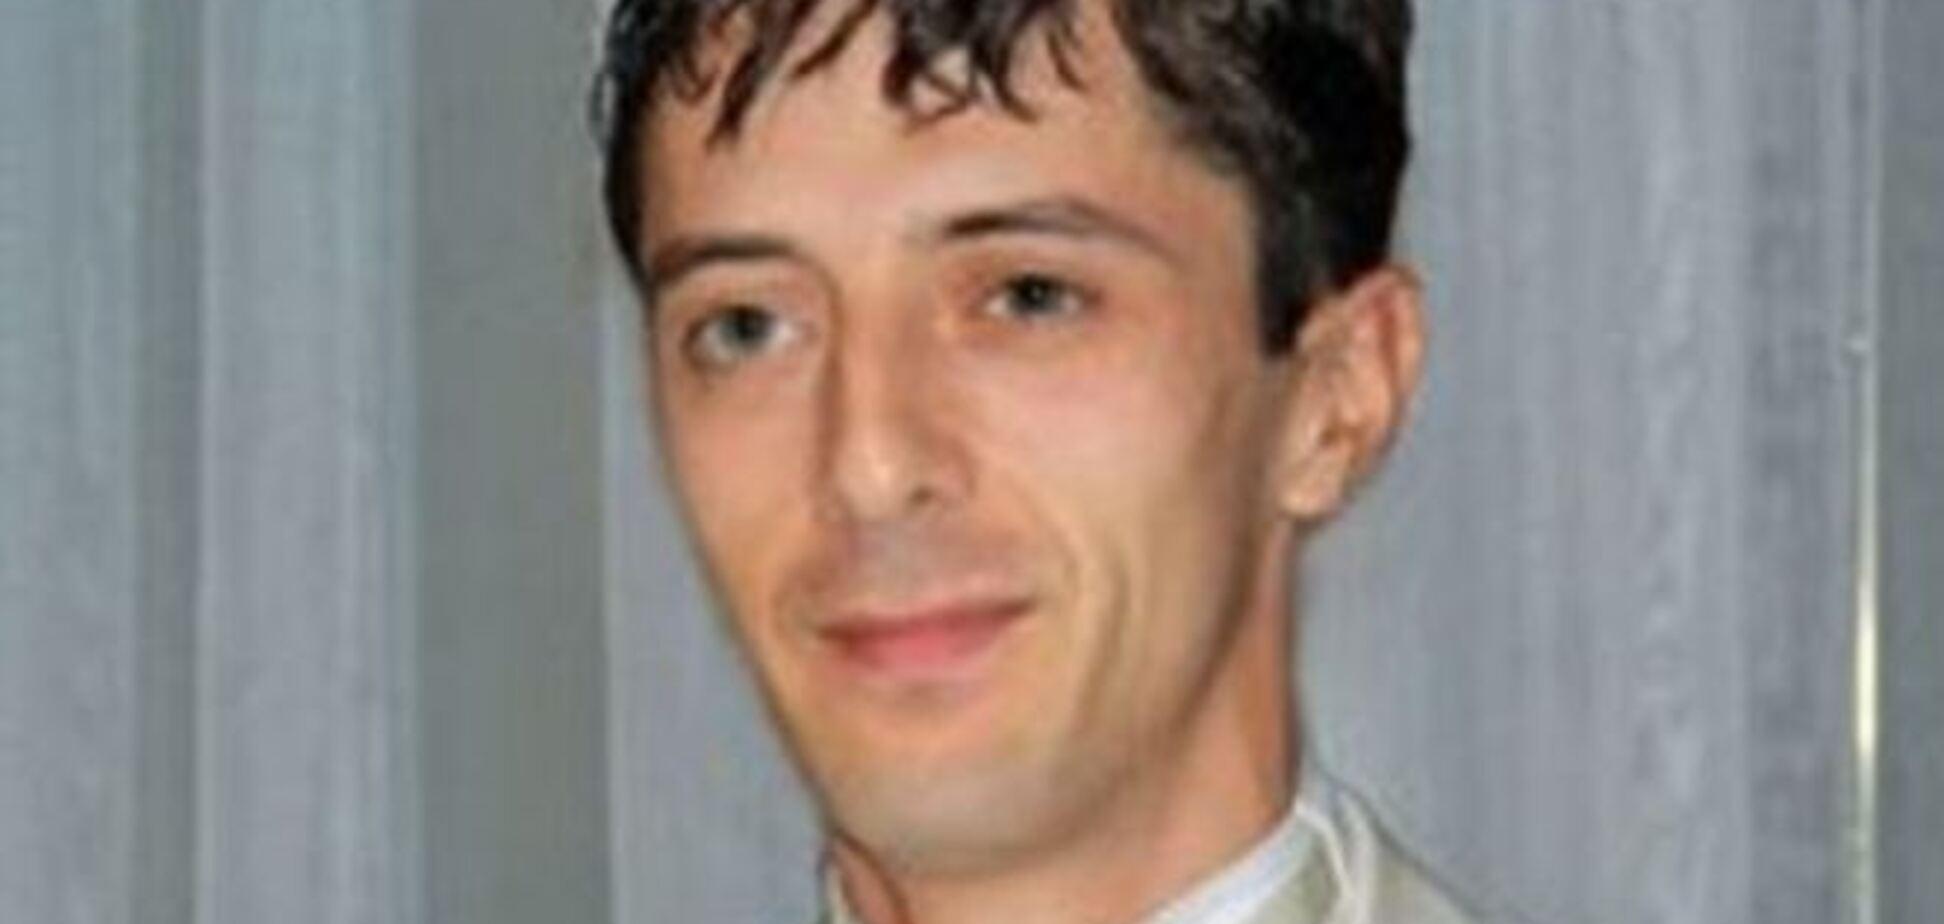 Российские правоохранители обвиняют сына Джемилева по трем статьям УК РФ